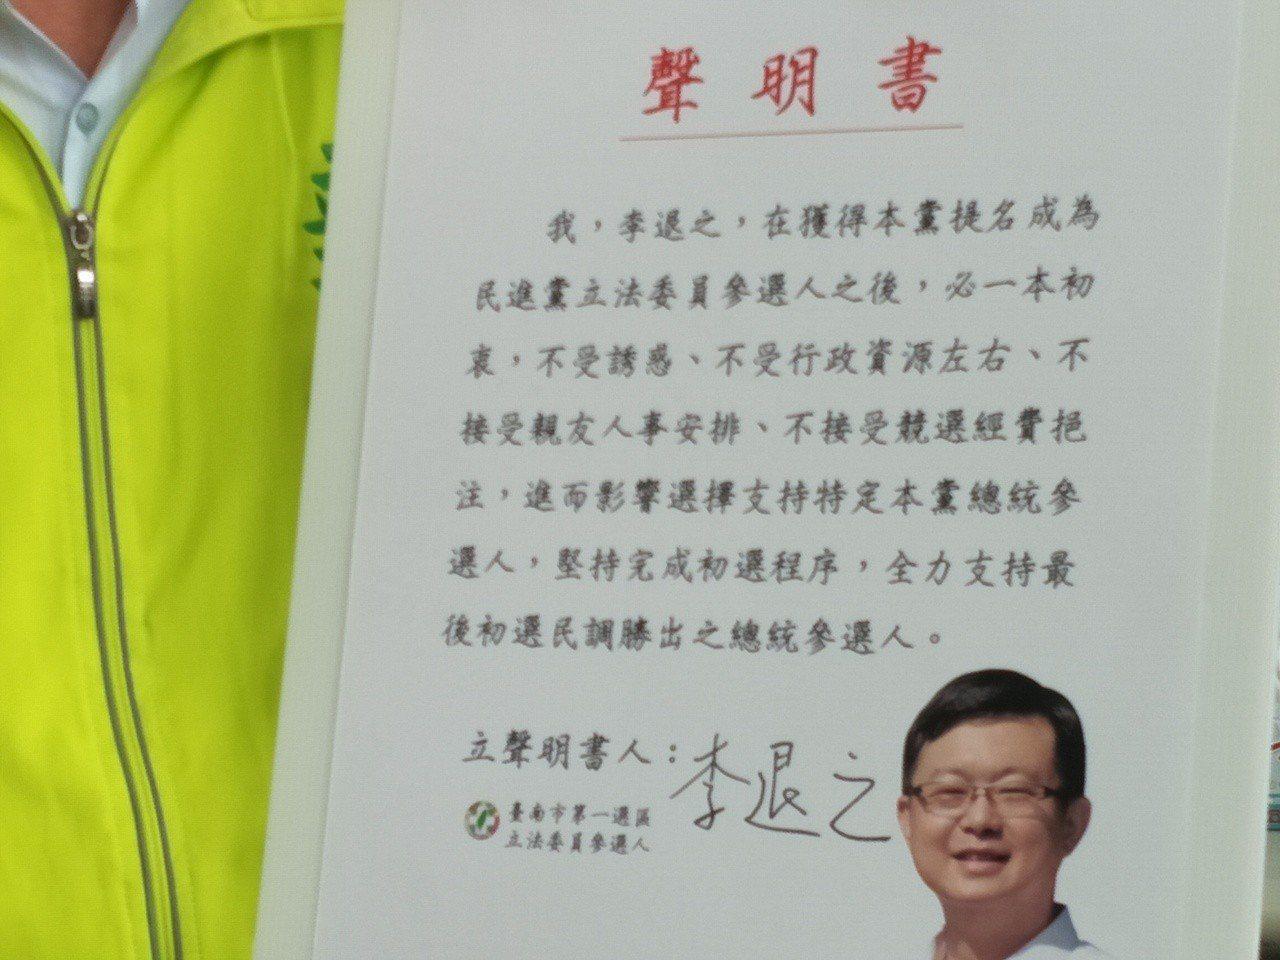 農委會前副主委李退之今簽「不被選邊站」聲明書內容。記者謝進盛/攝影